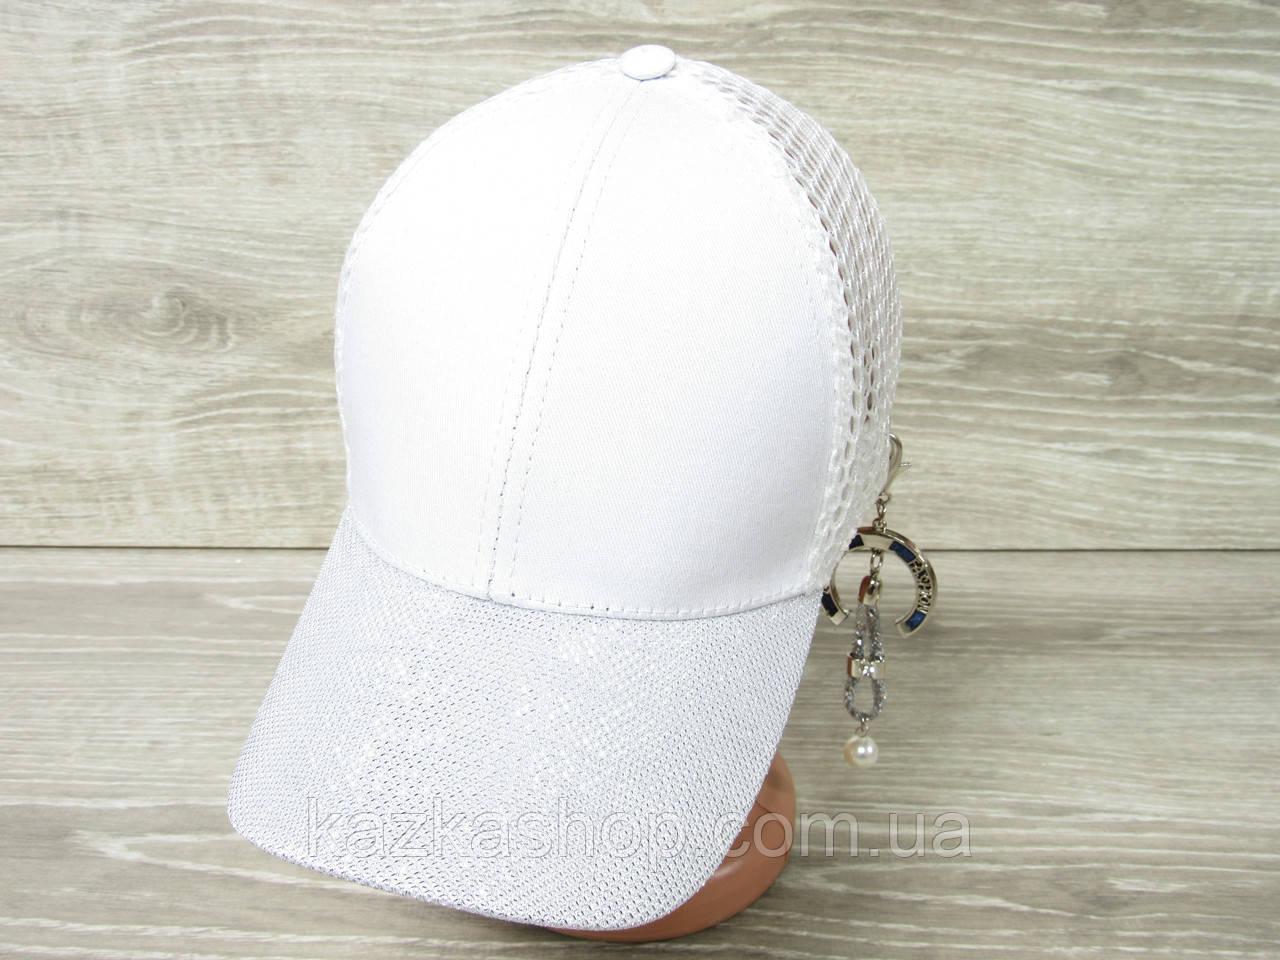 Женская, бейсболка, кепка с декоративной брошкой,  размер 54-56, на регуляторе